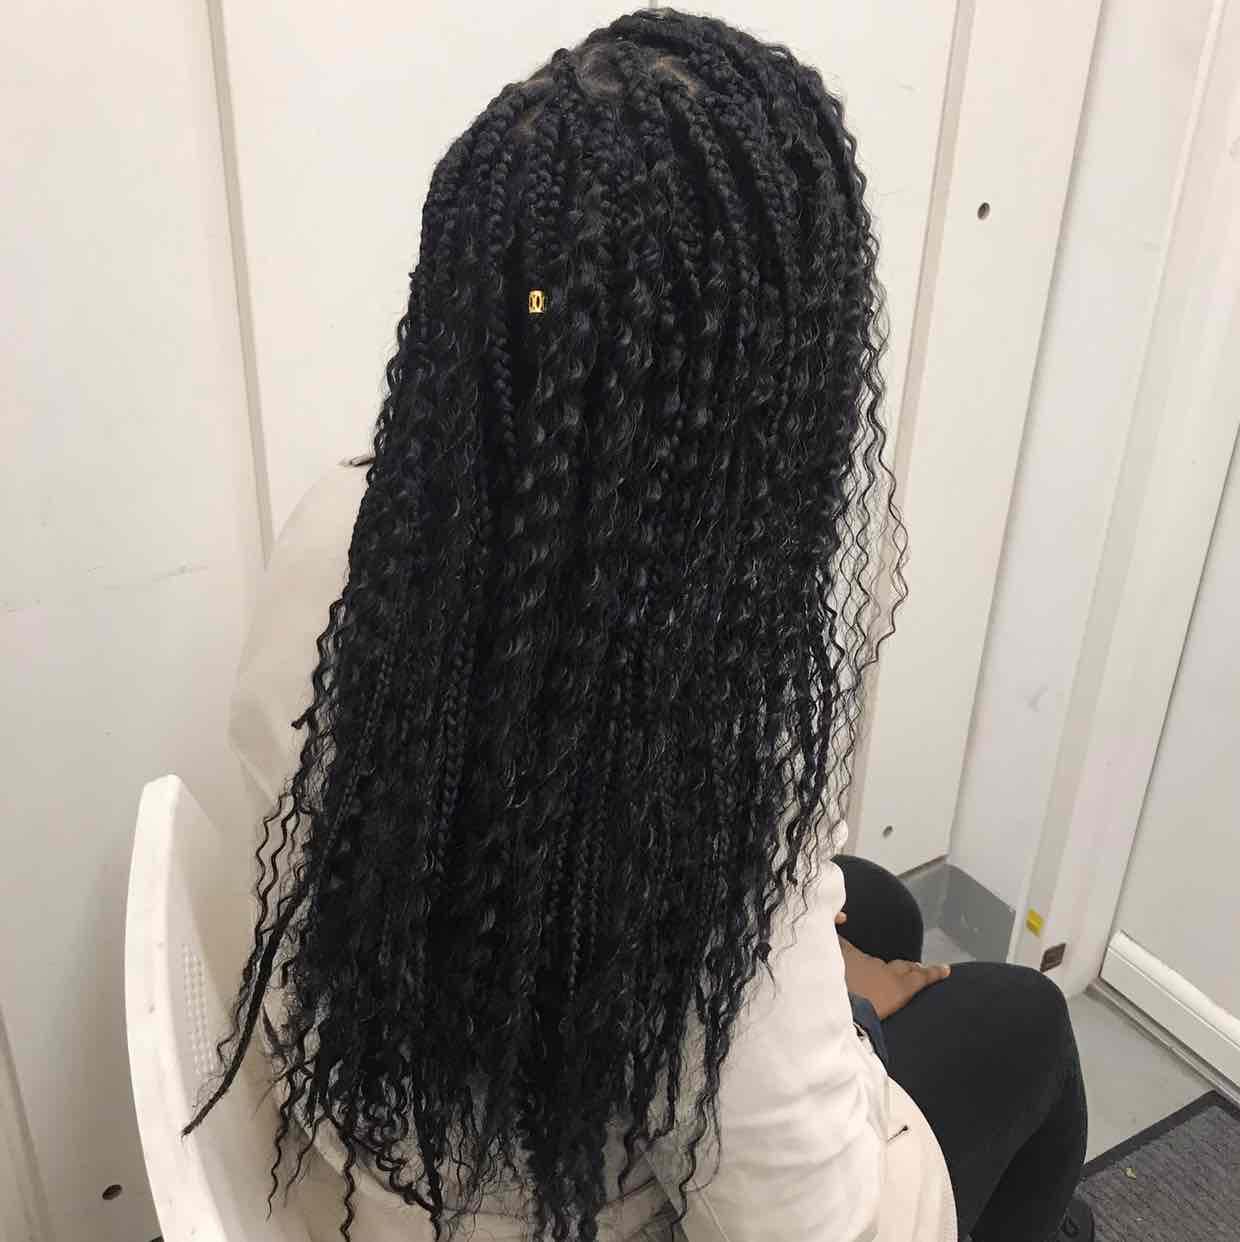 salon de coiffure afro tresse tresses box braids crochet braids vanilles tissages paris 75 77 78 91 92 93 94 95 QOGSHVIQ